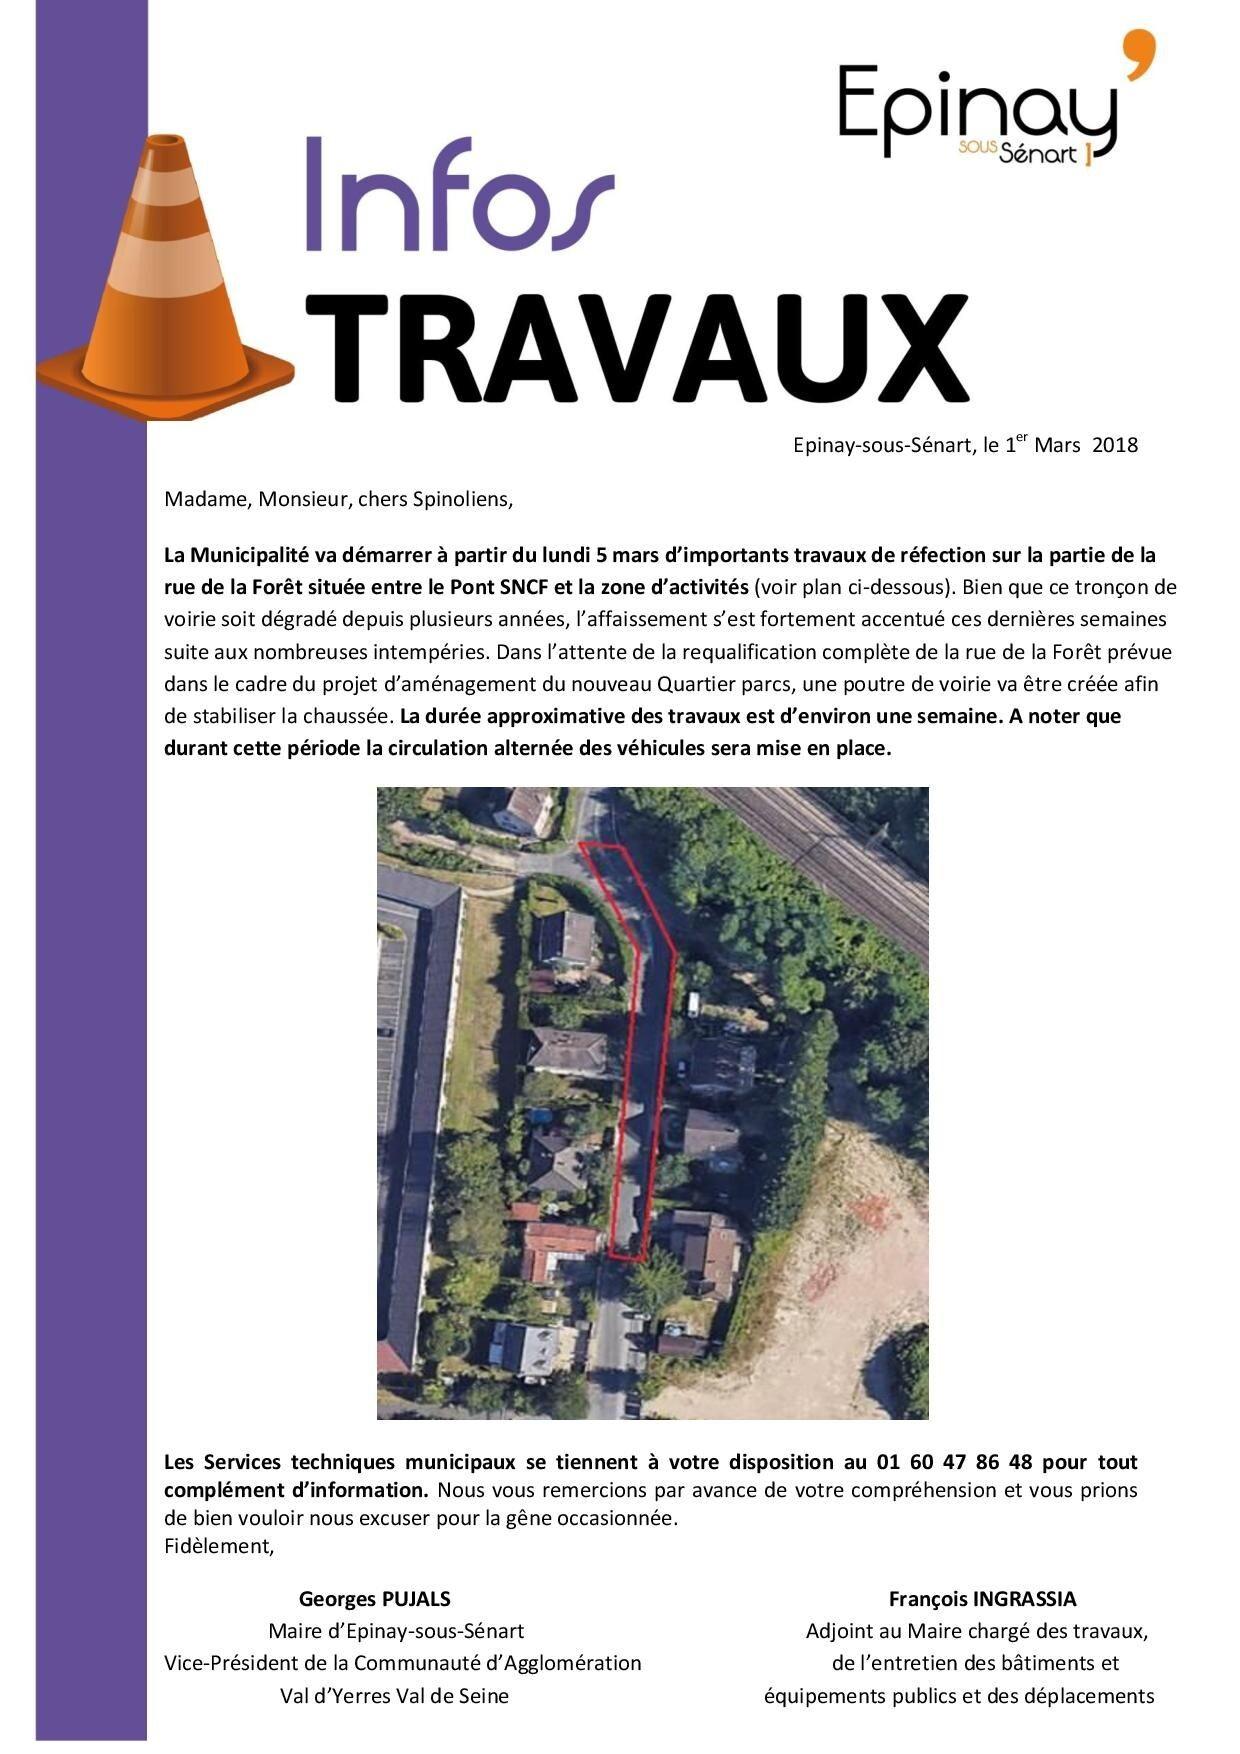 Infos travaux relais ouest et rue de la for t epinay for Garage de la foret epinay